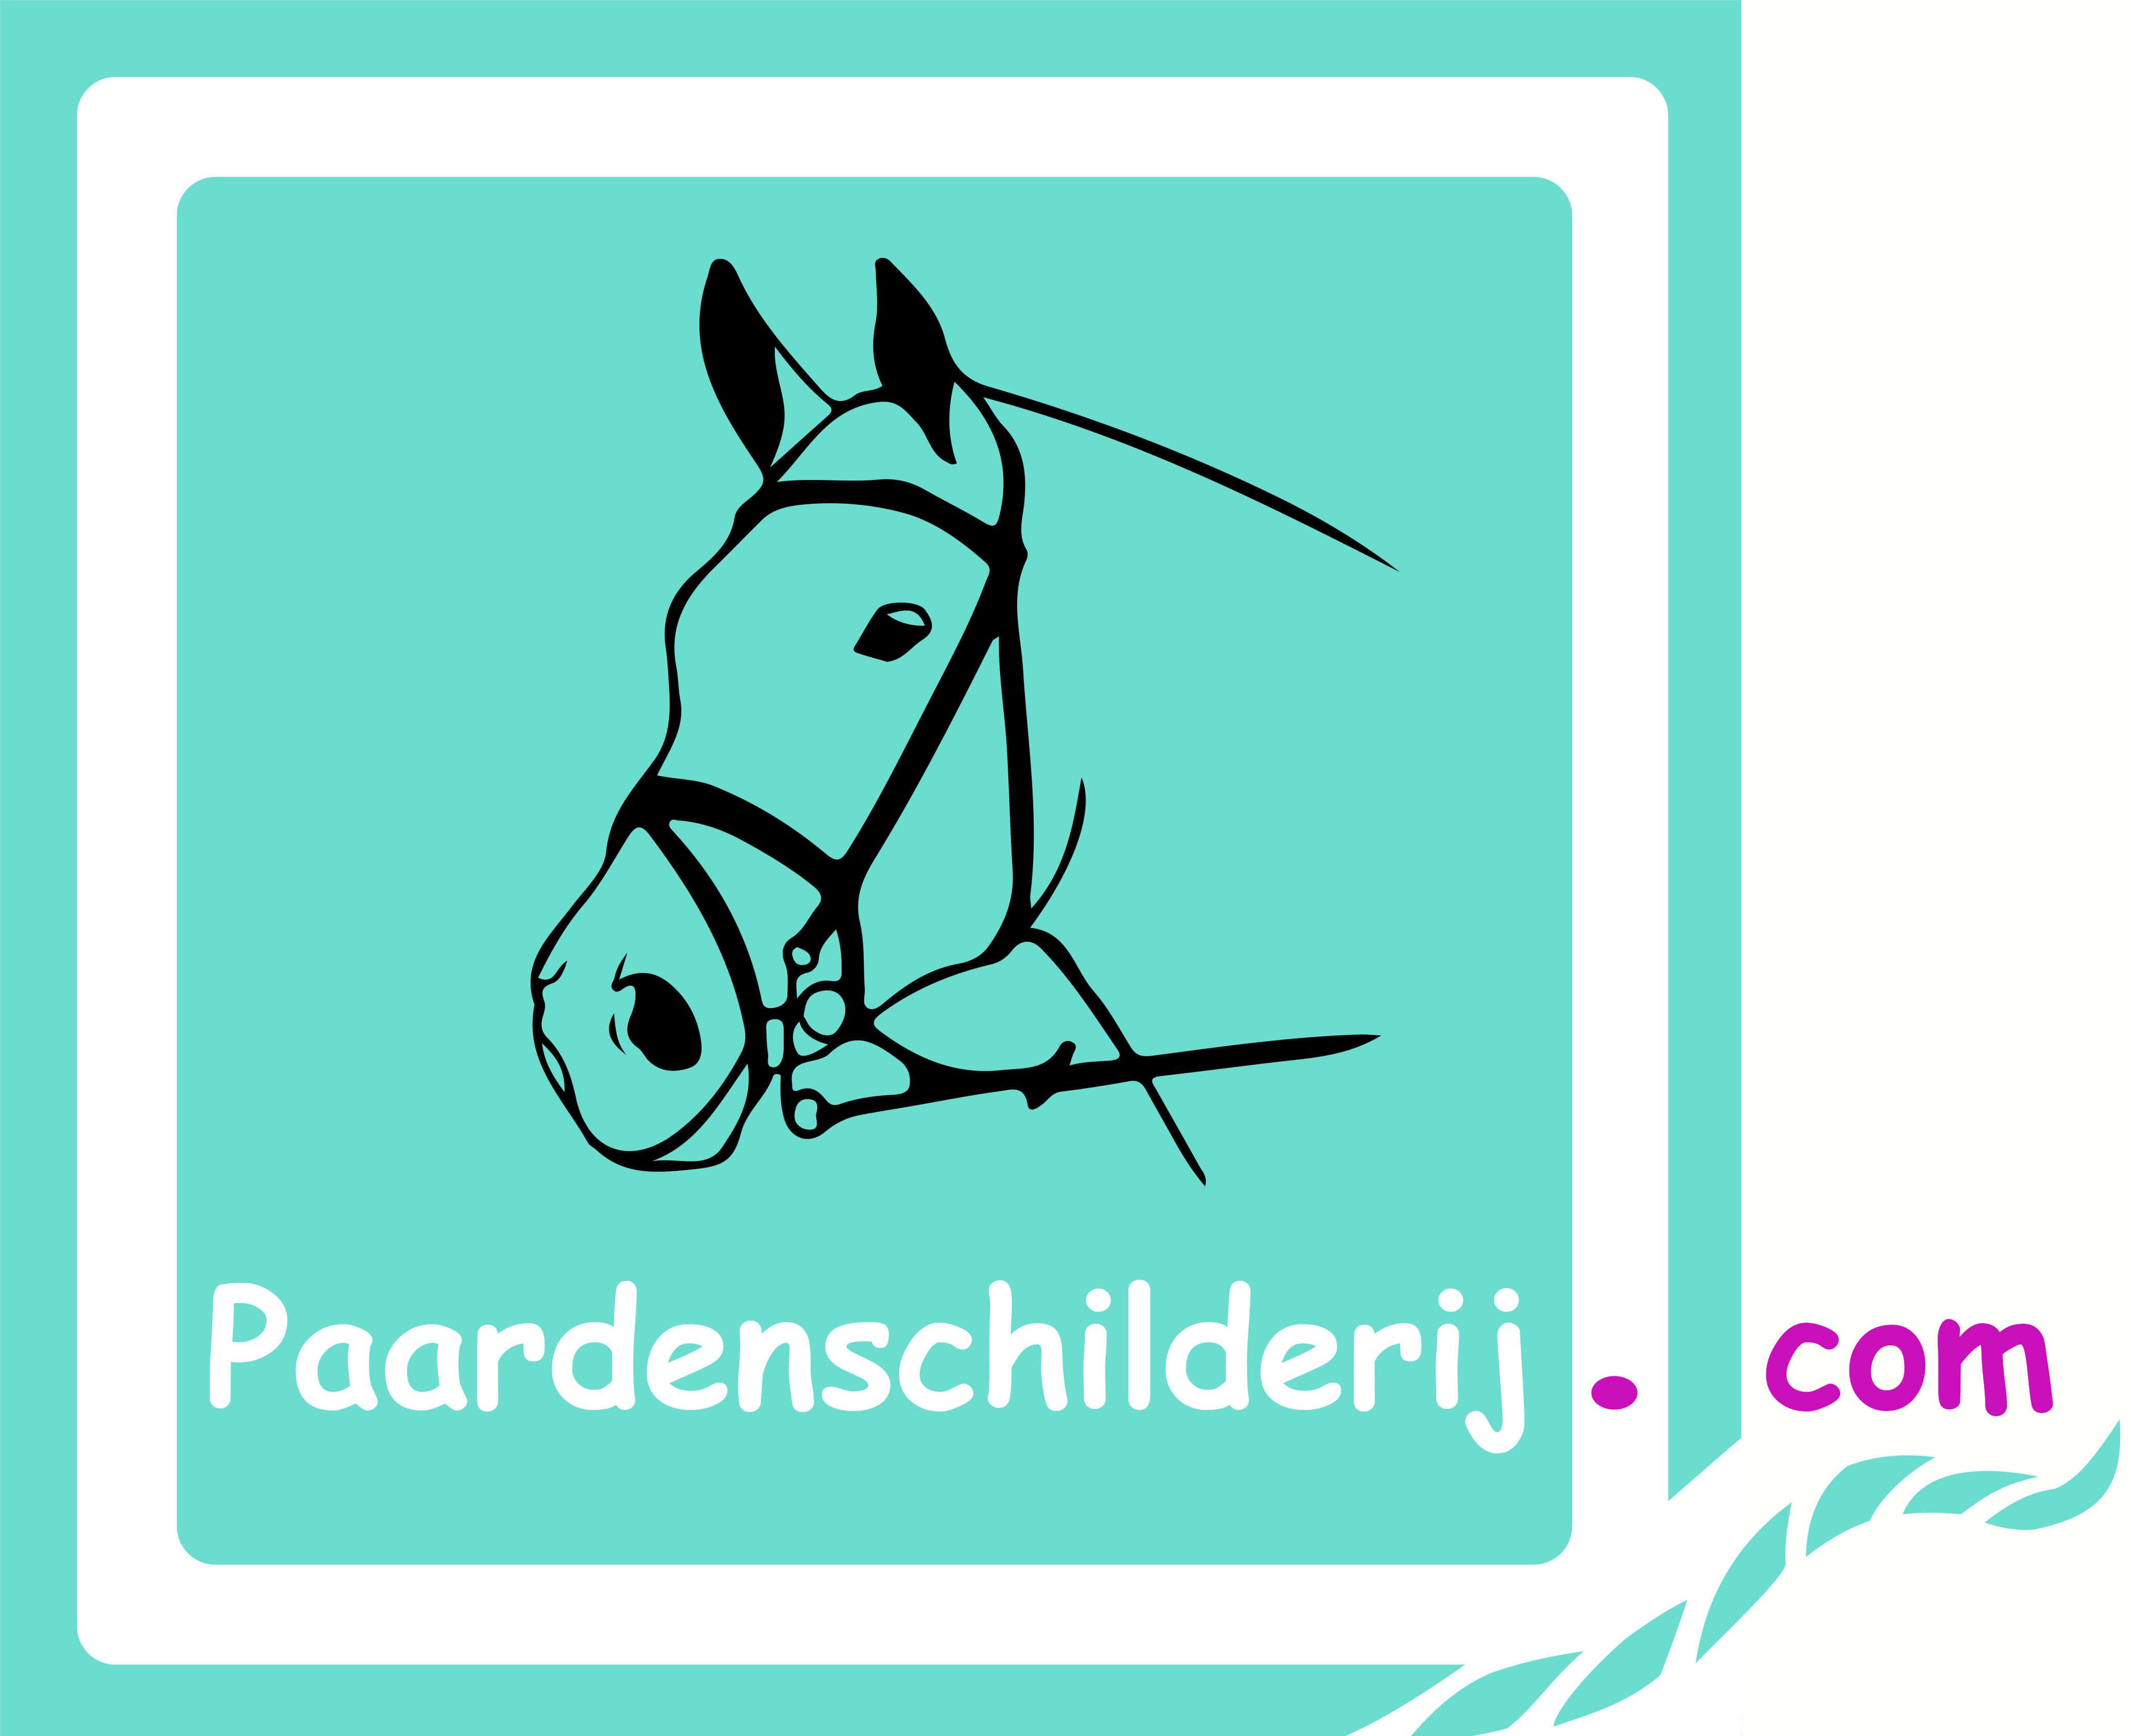 Paardenschilderij.com